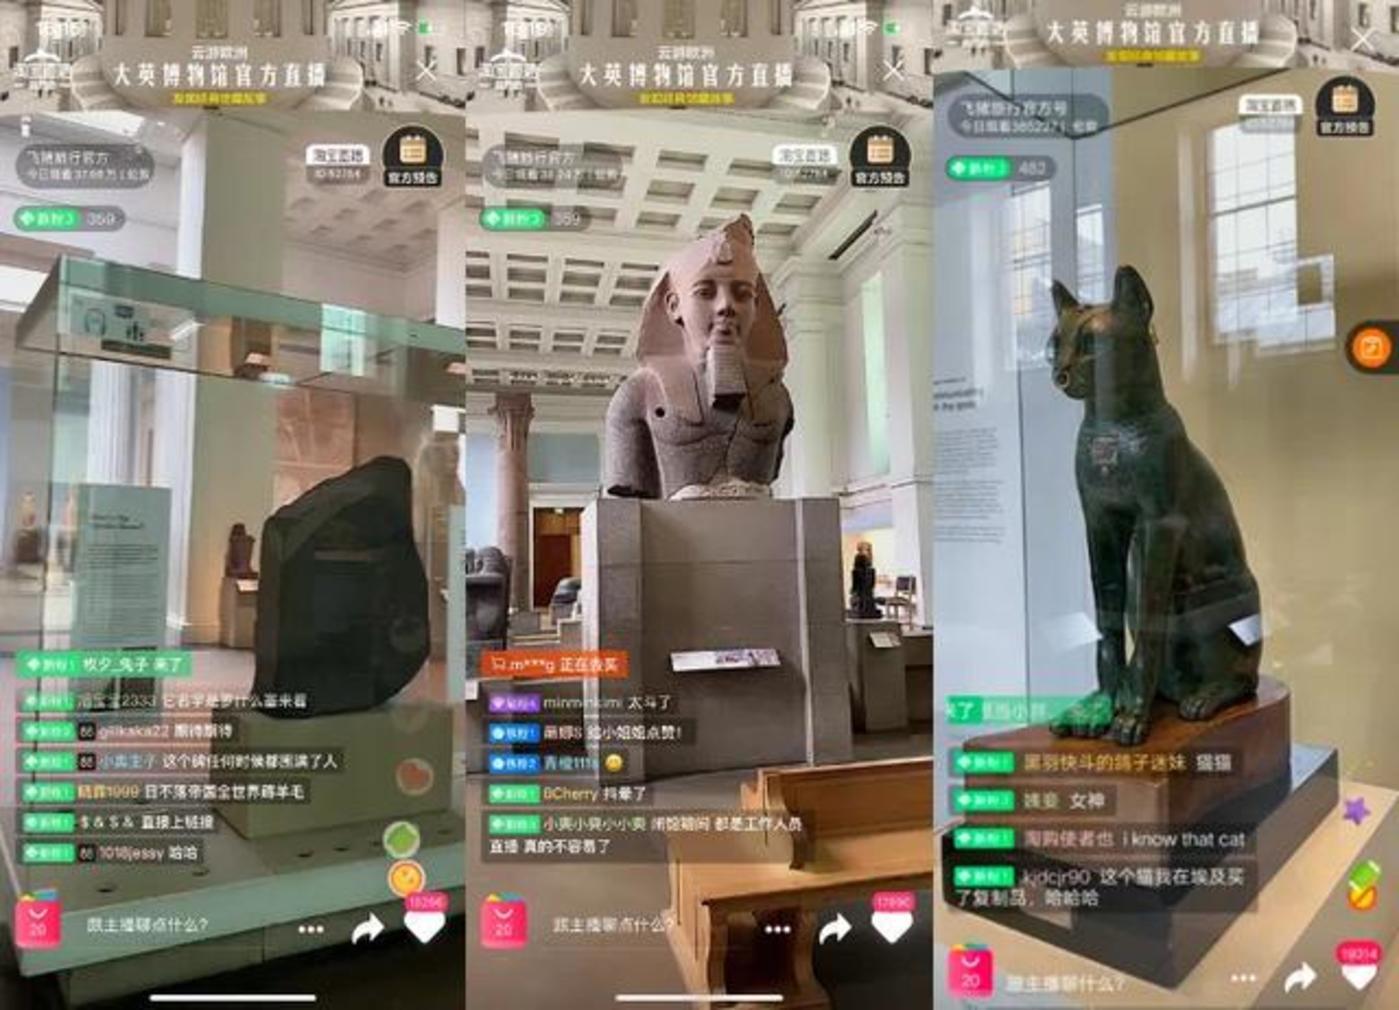 大英博物馆&飞猪,淘宝直播